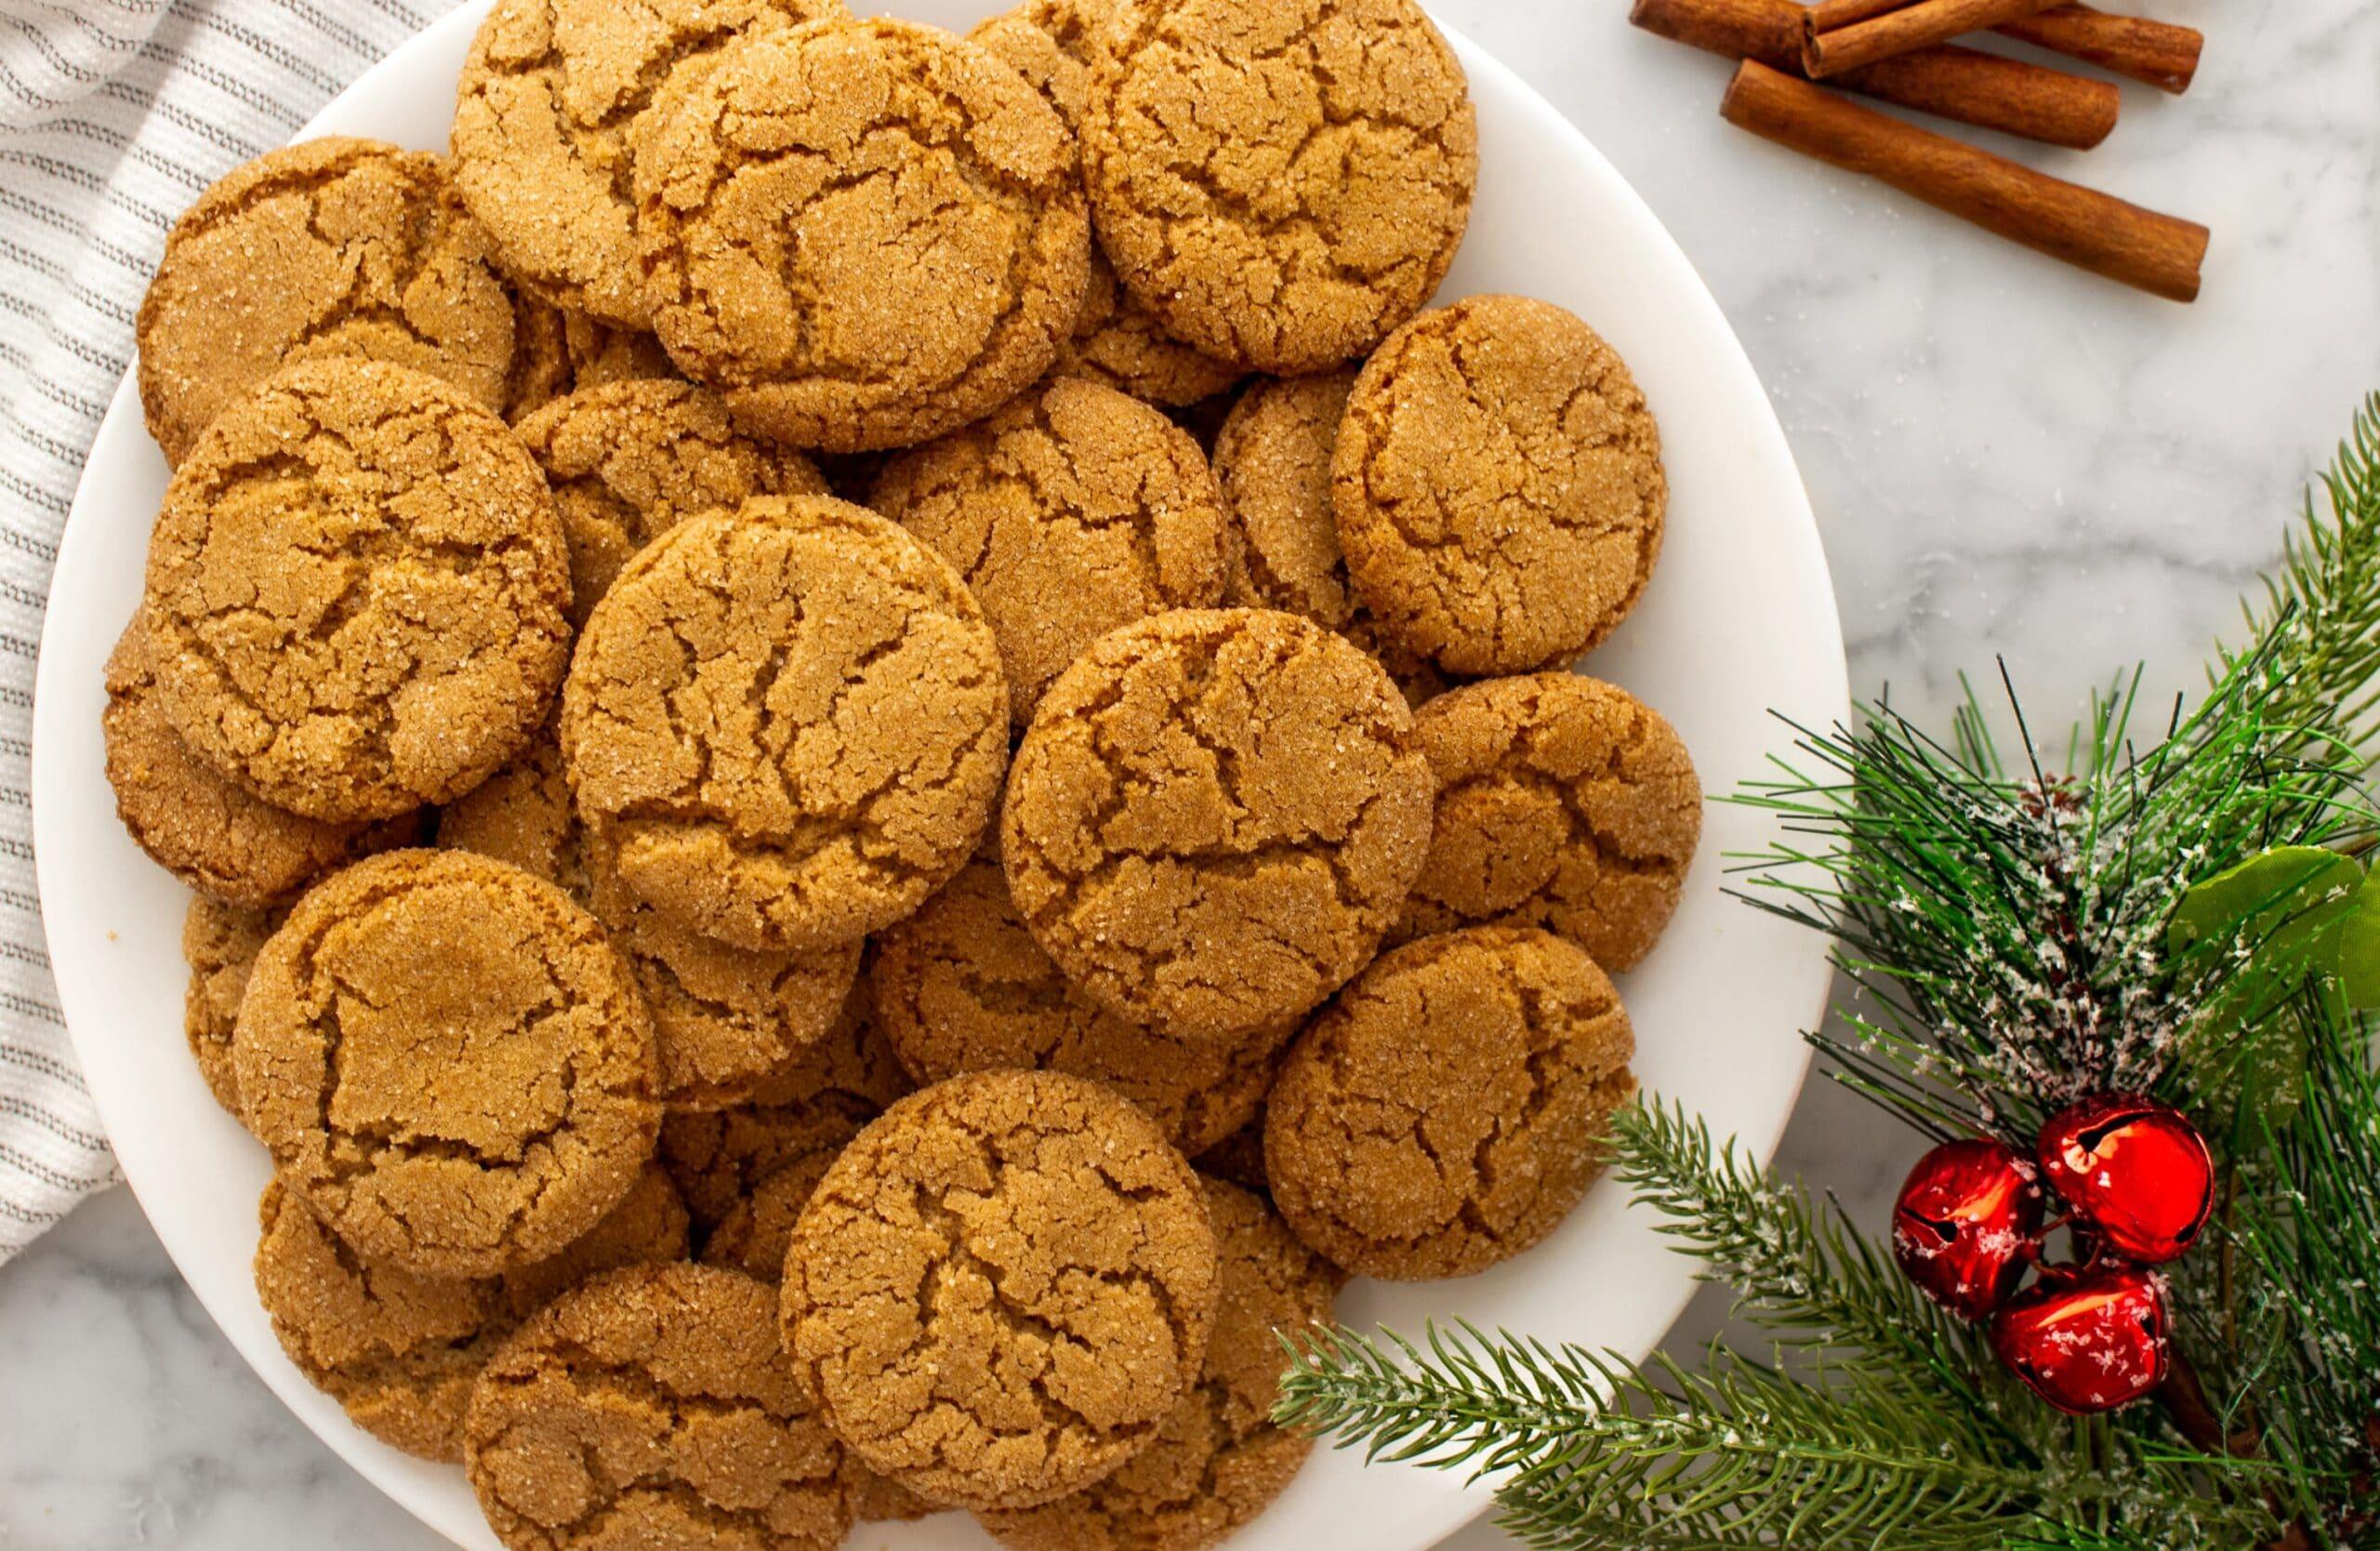 Maple Ginger Snaps No Molasses Owlbbaking Com